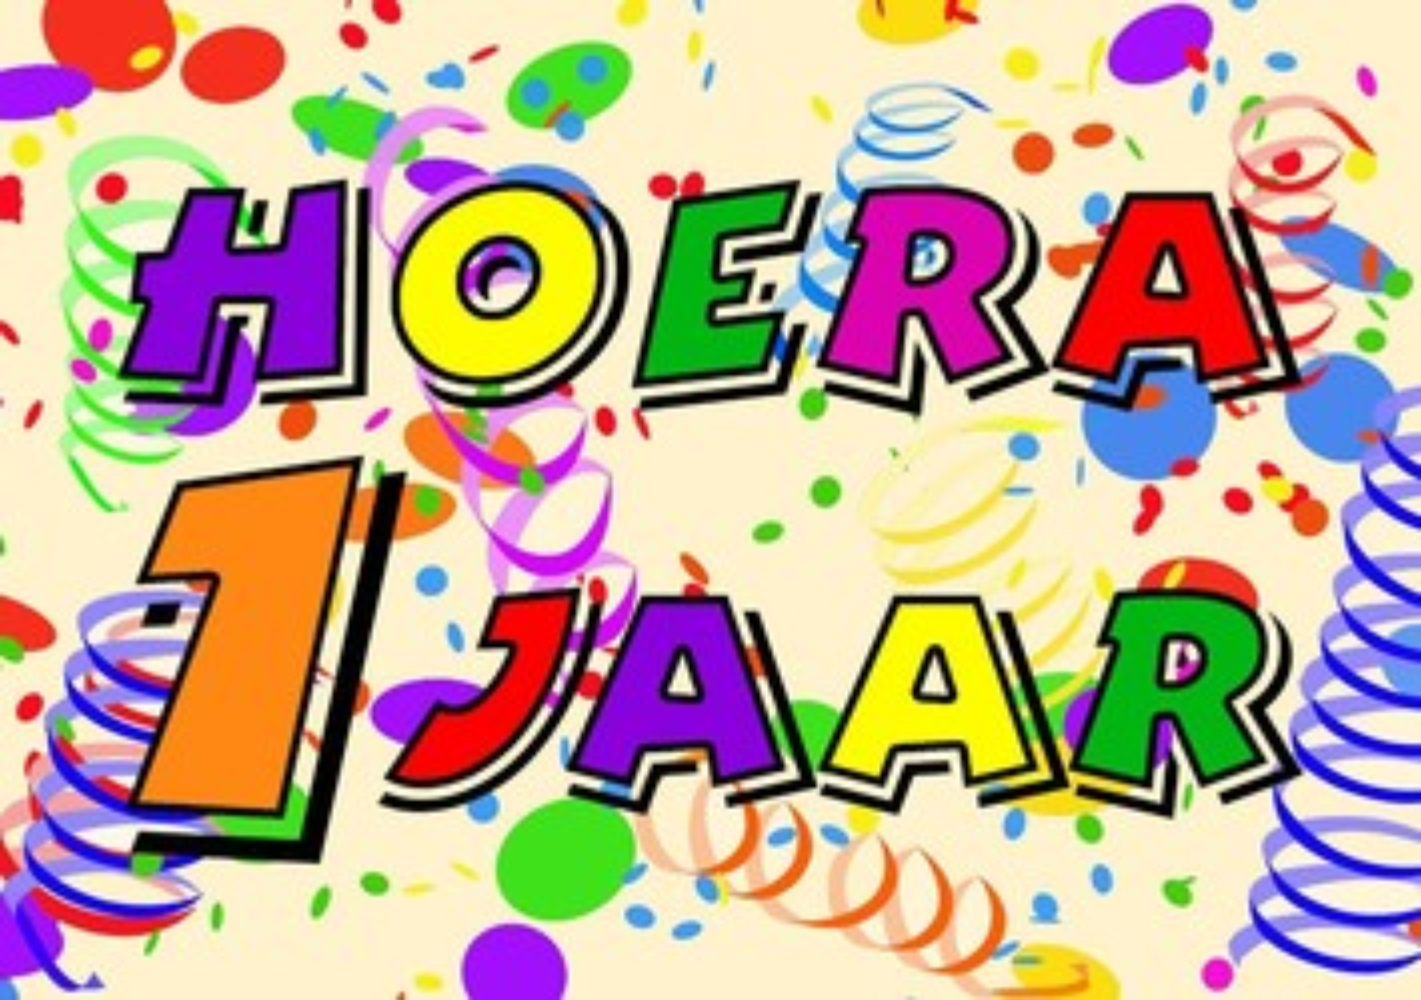 verjaardag kind 1 jaar Verjaardagskaart kind: Hoera 1 jaar!   Kaartjeposten.nl verjaardag kind 1 jaar